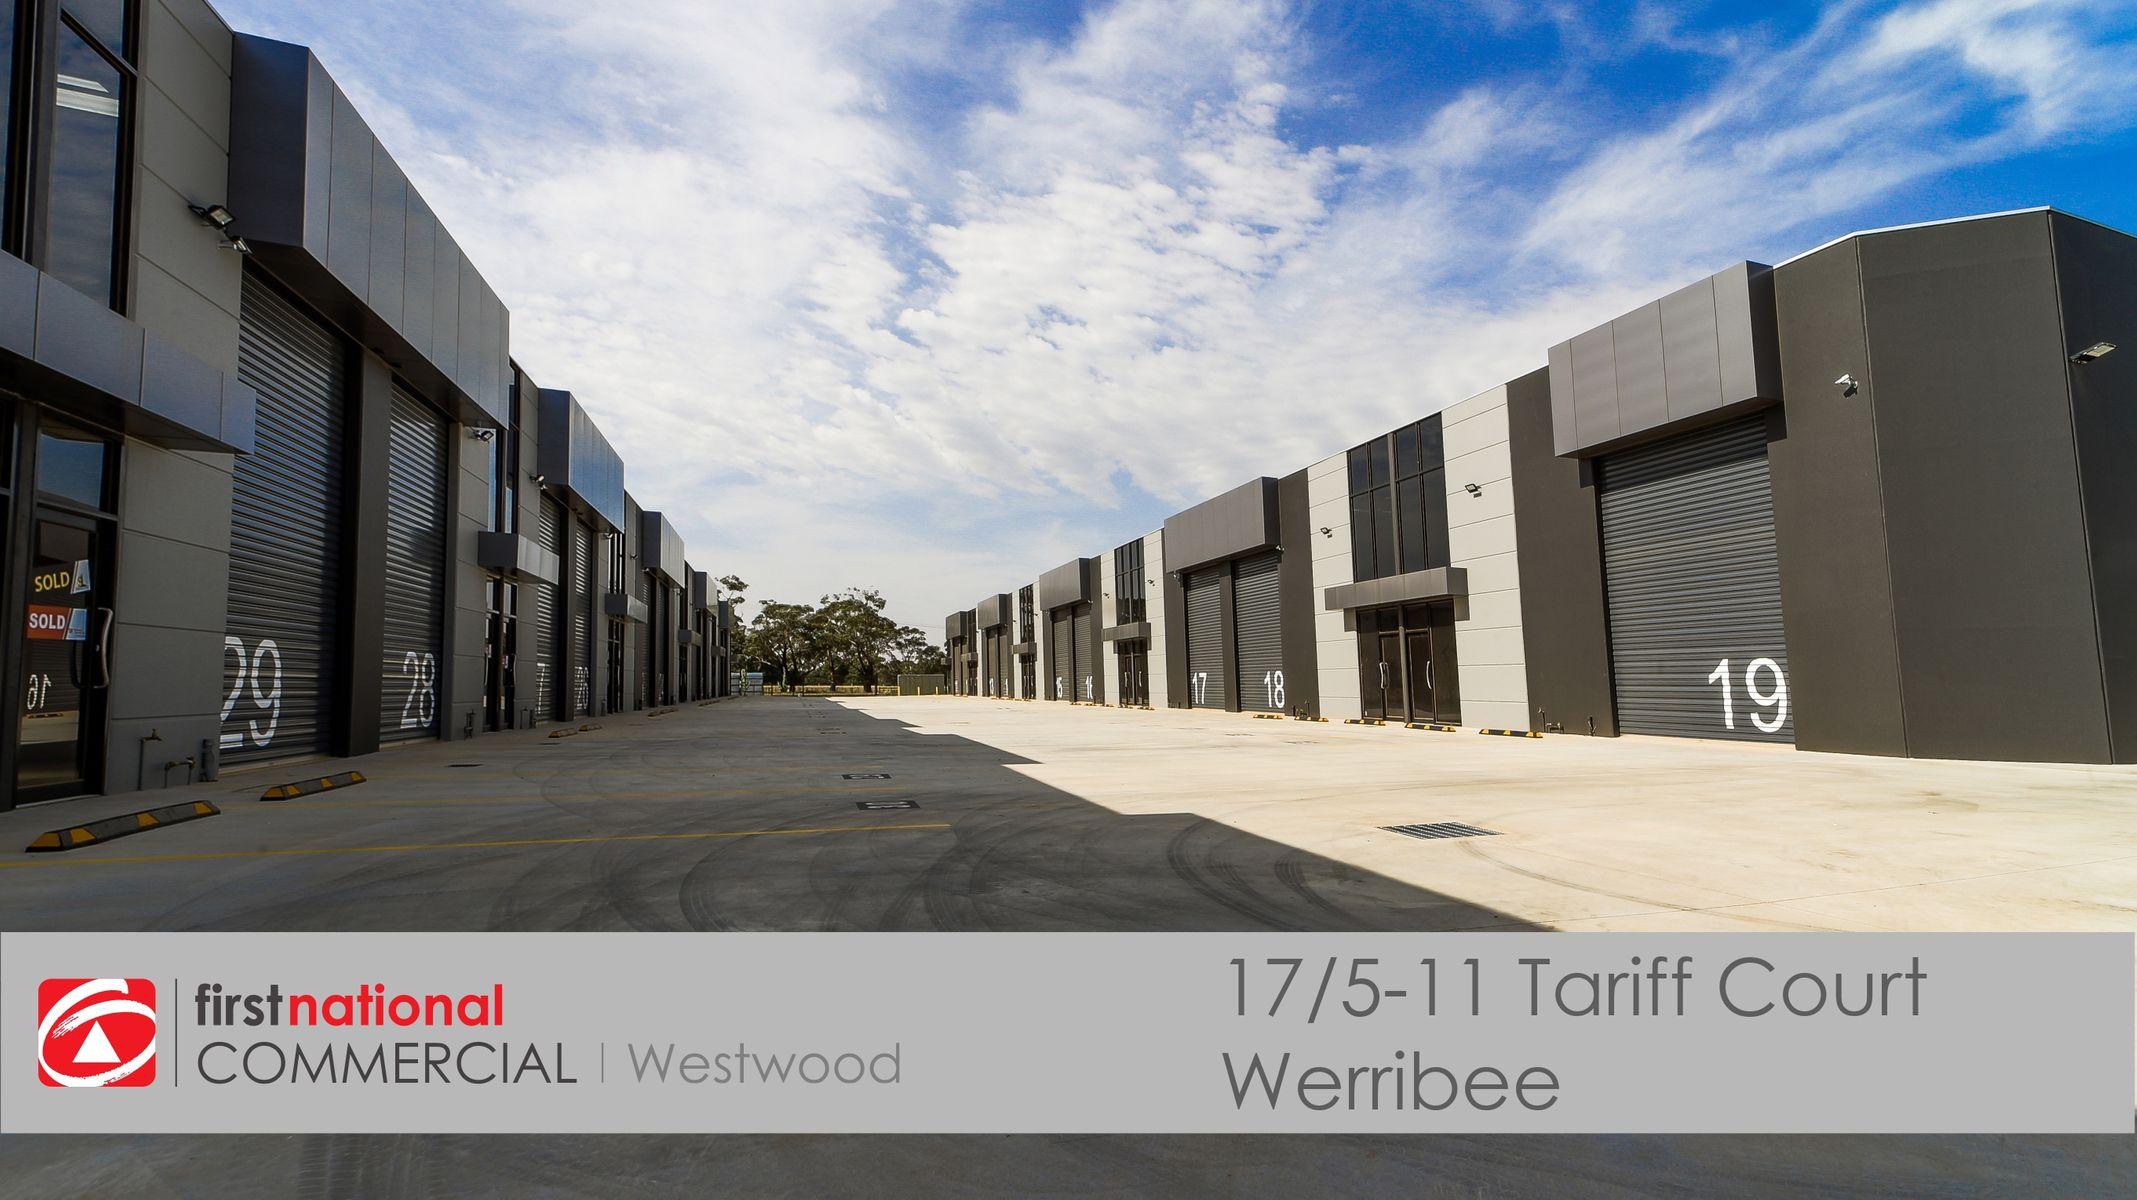 17/5-11 Tariff Court, Werribee, VIC 3030